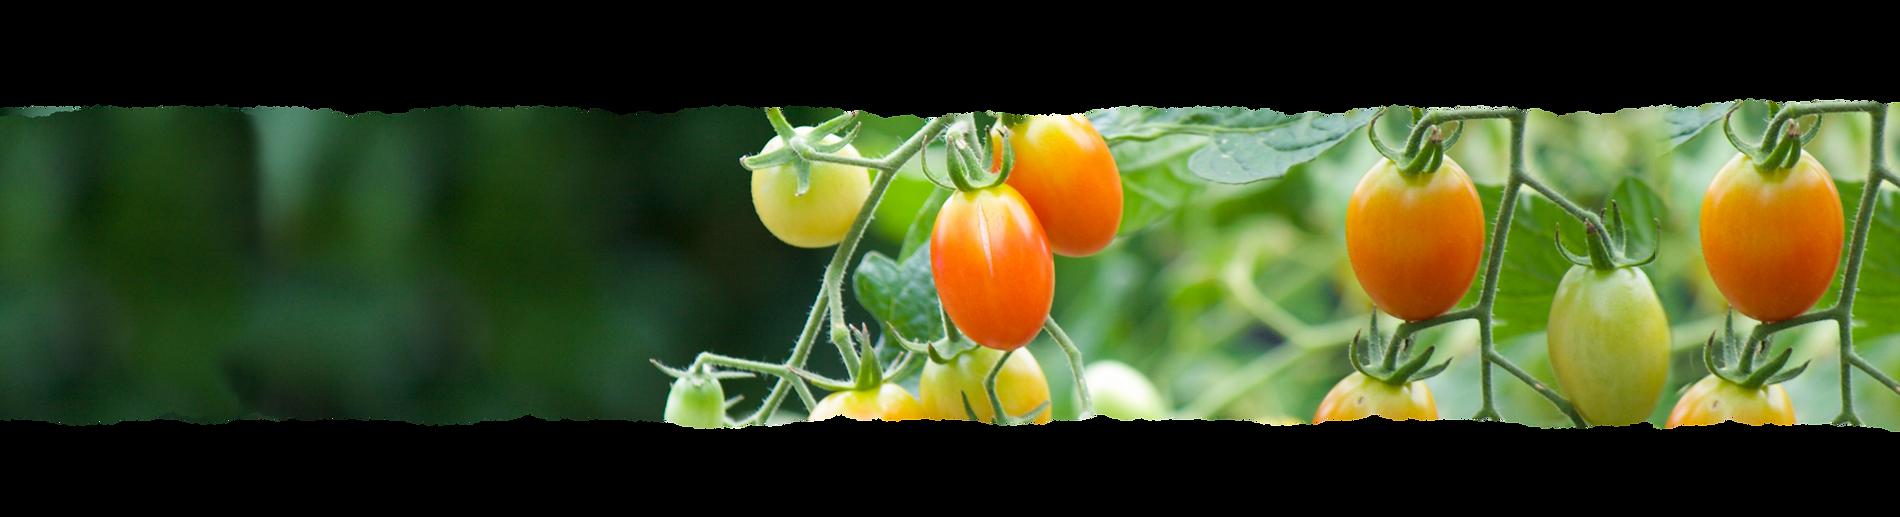 トマトイメージ_全幅.png